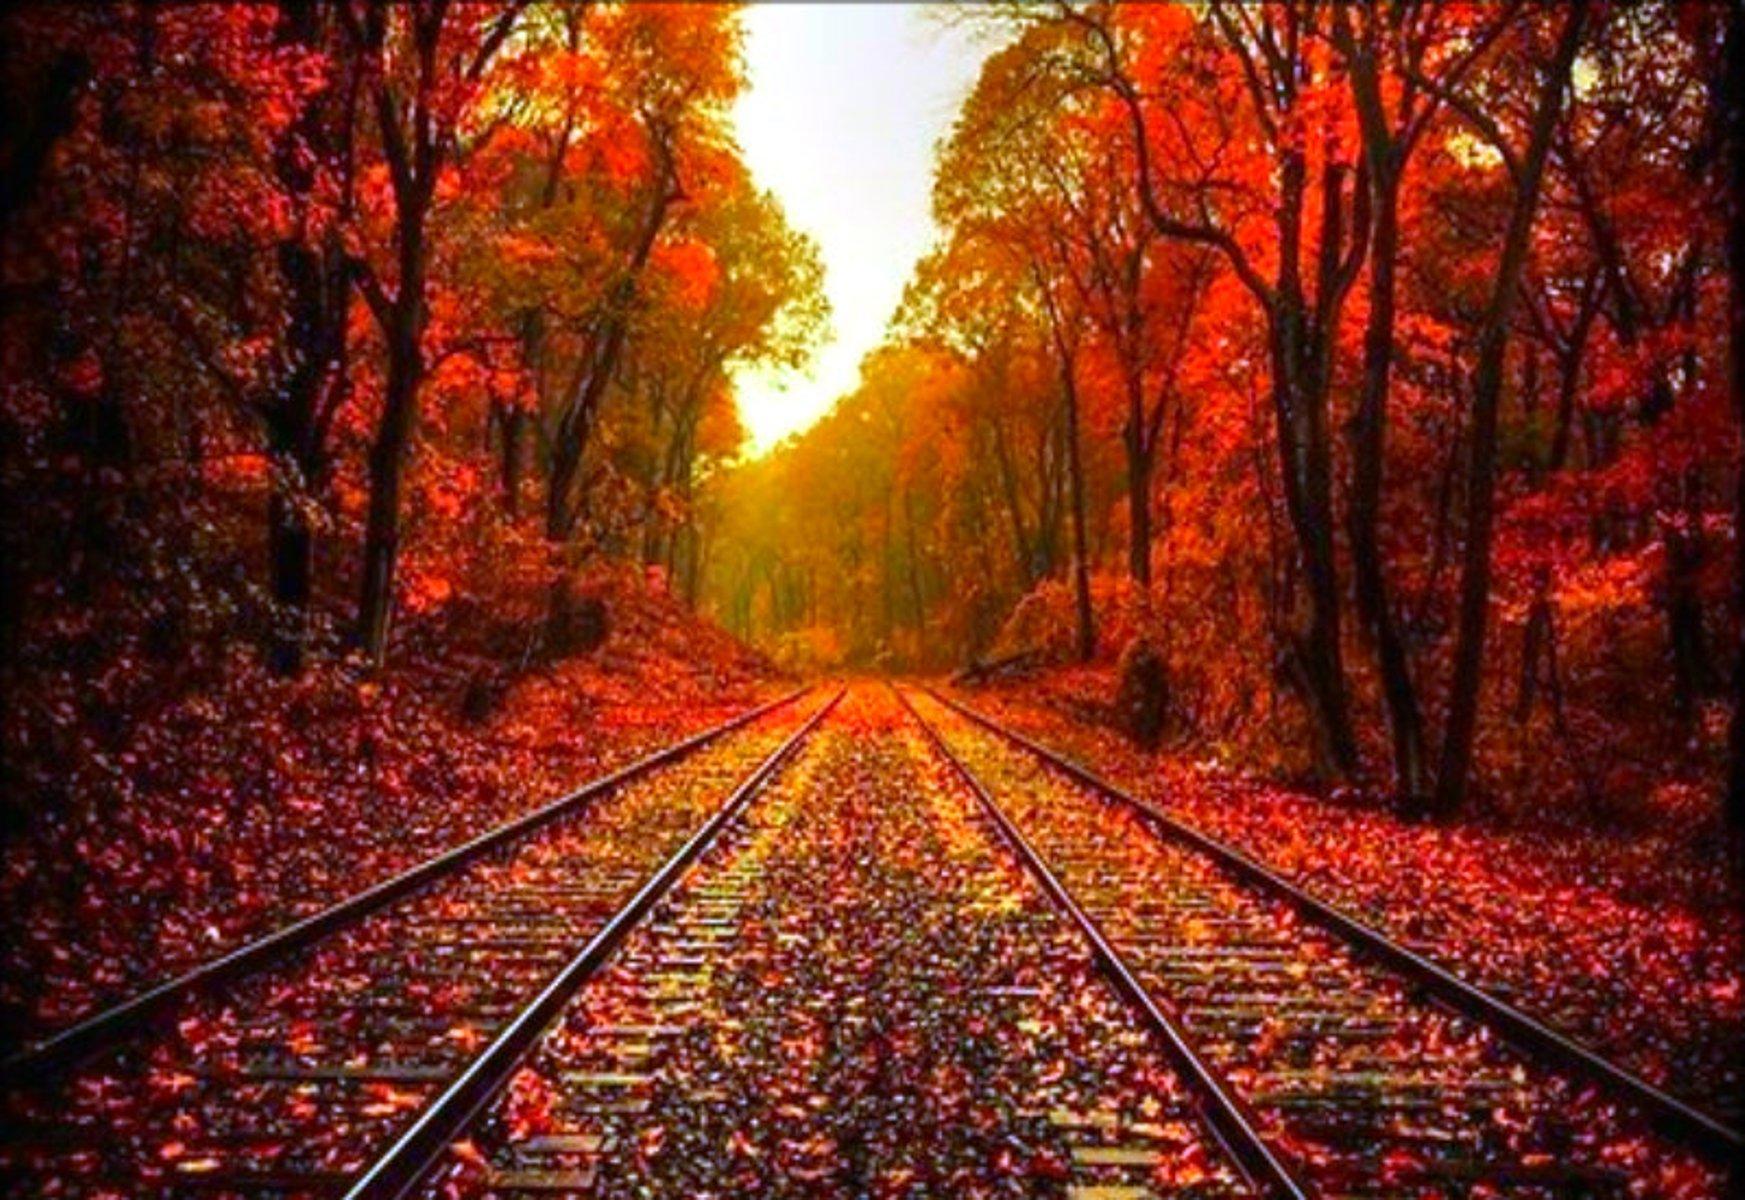 beautiful autumn wallpaper a desktop background wallpapers hd